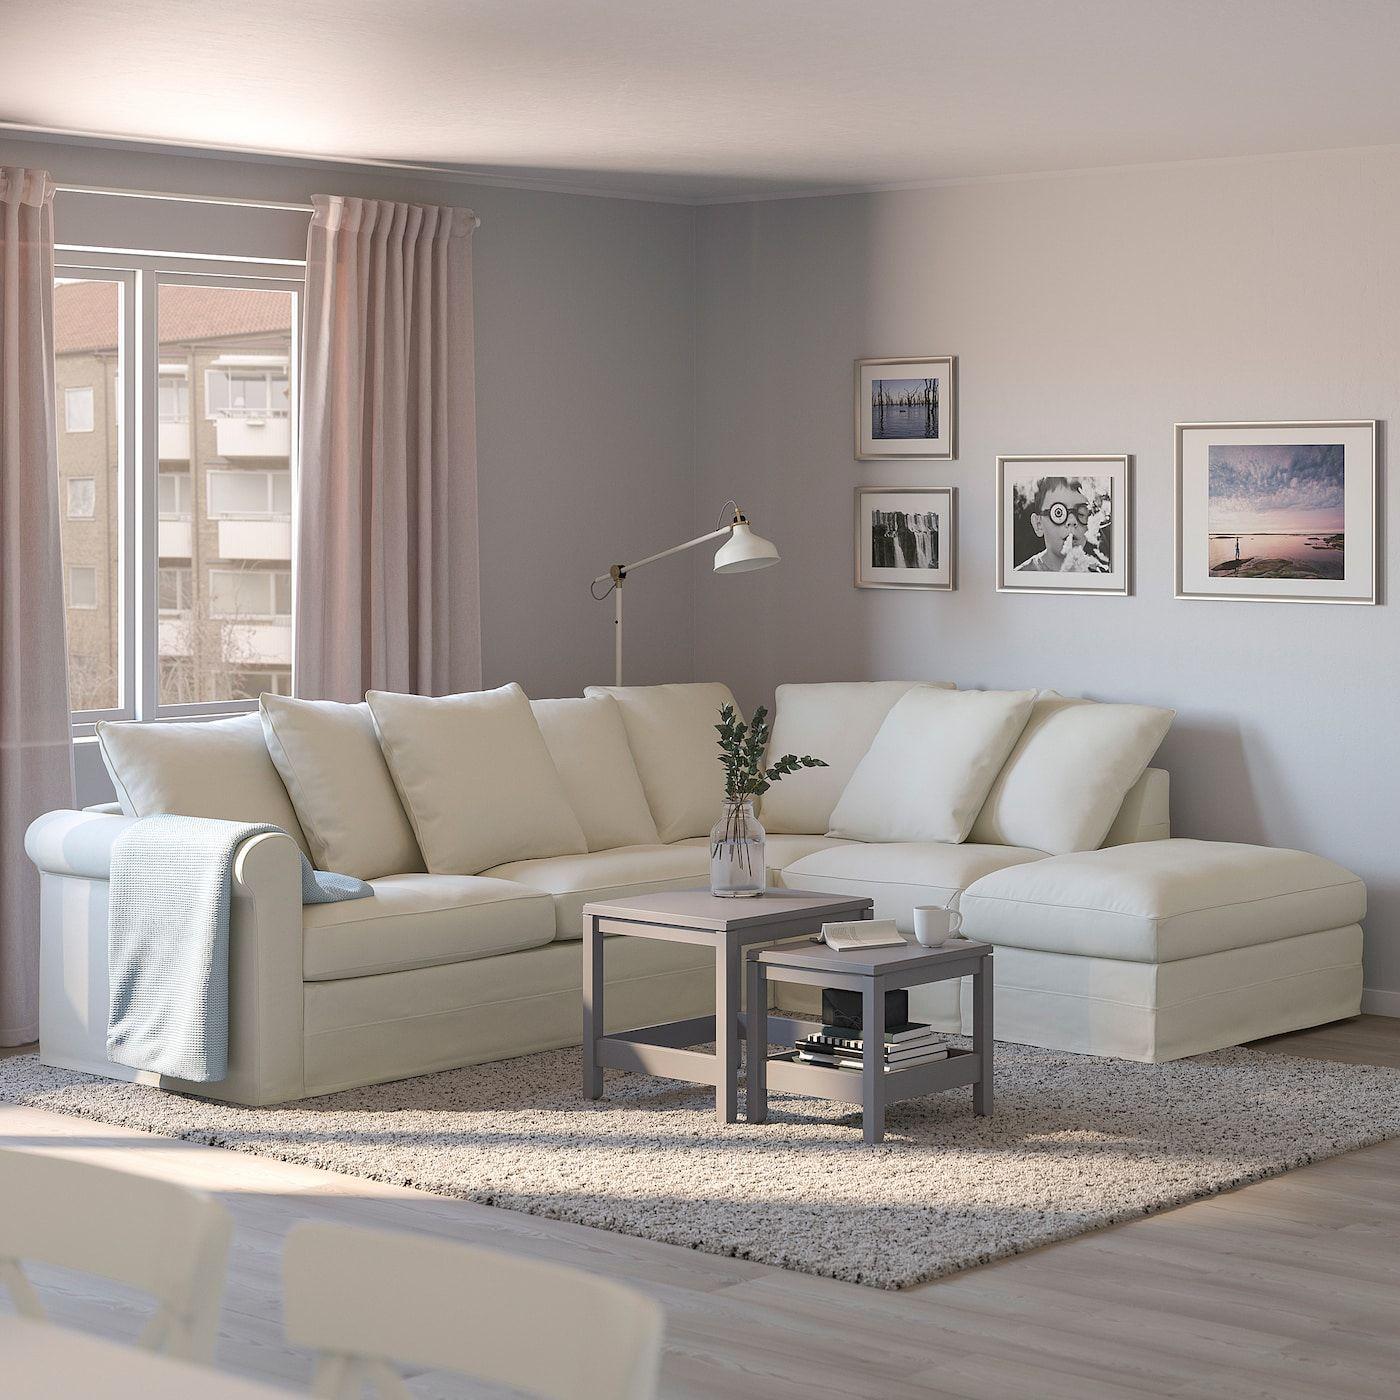 IKEA VINDUM Rug, high pile white in 2020 Living room